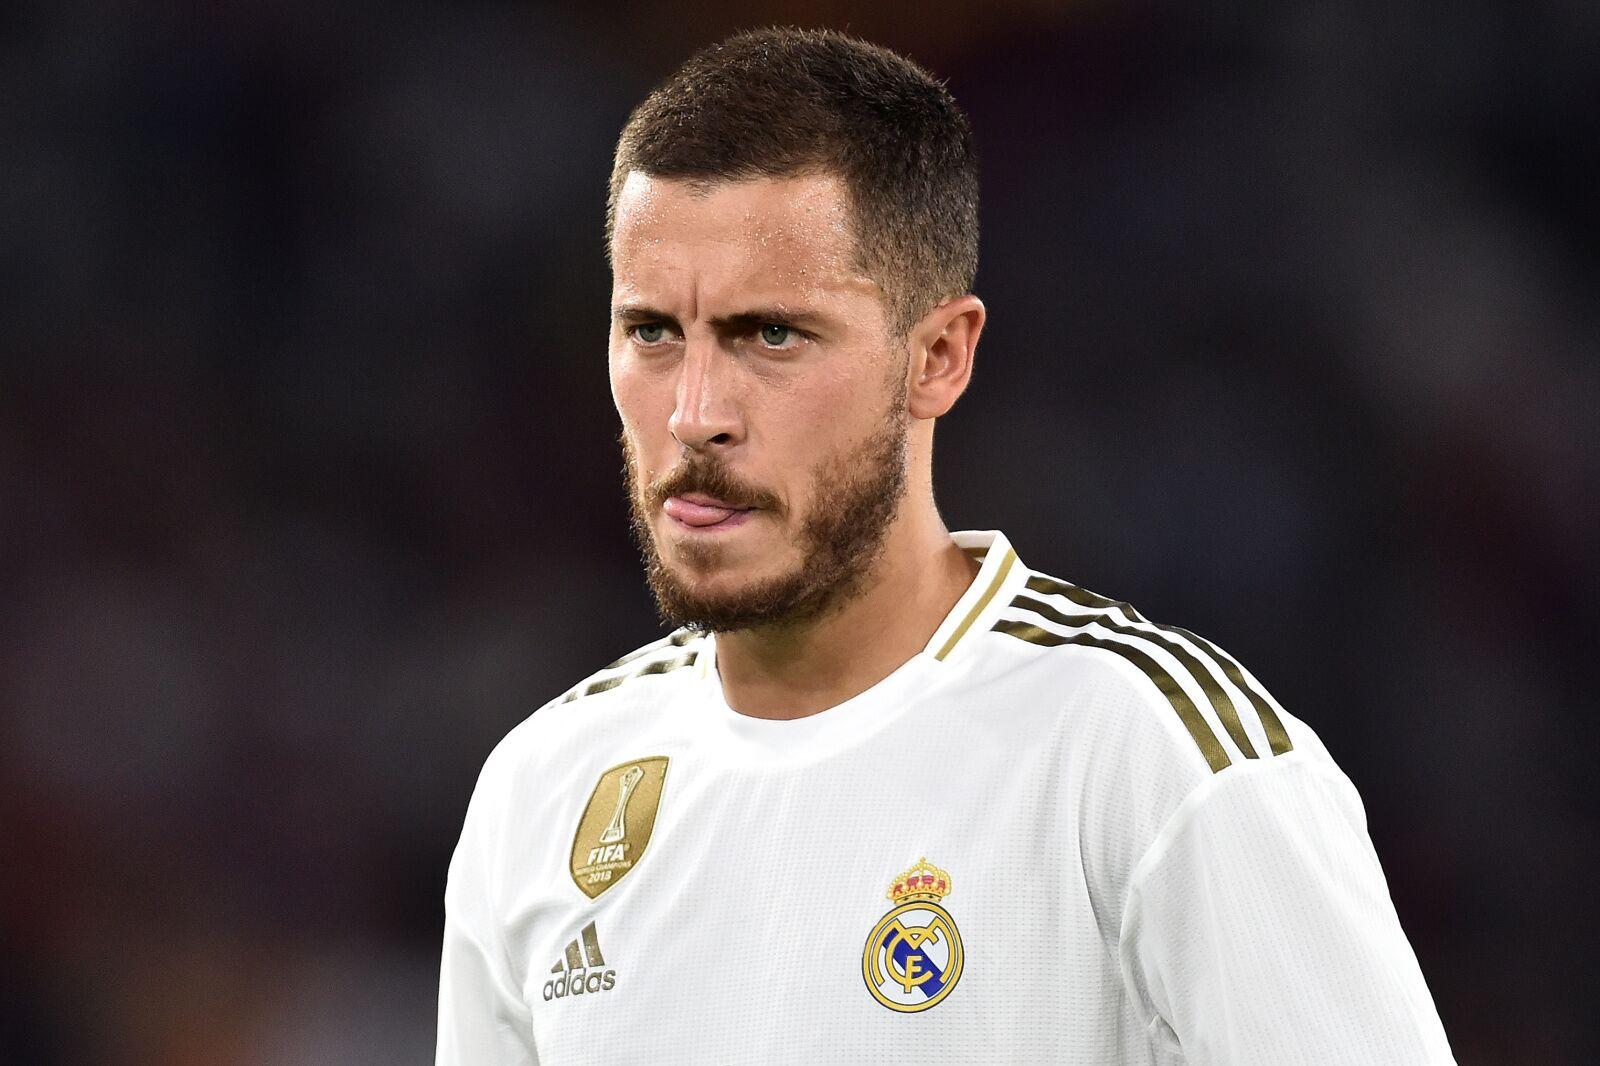 Real Madrid: Eden Hazard won't return before early September